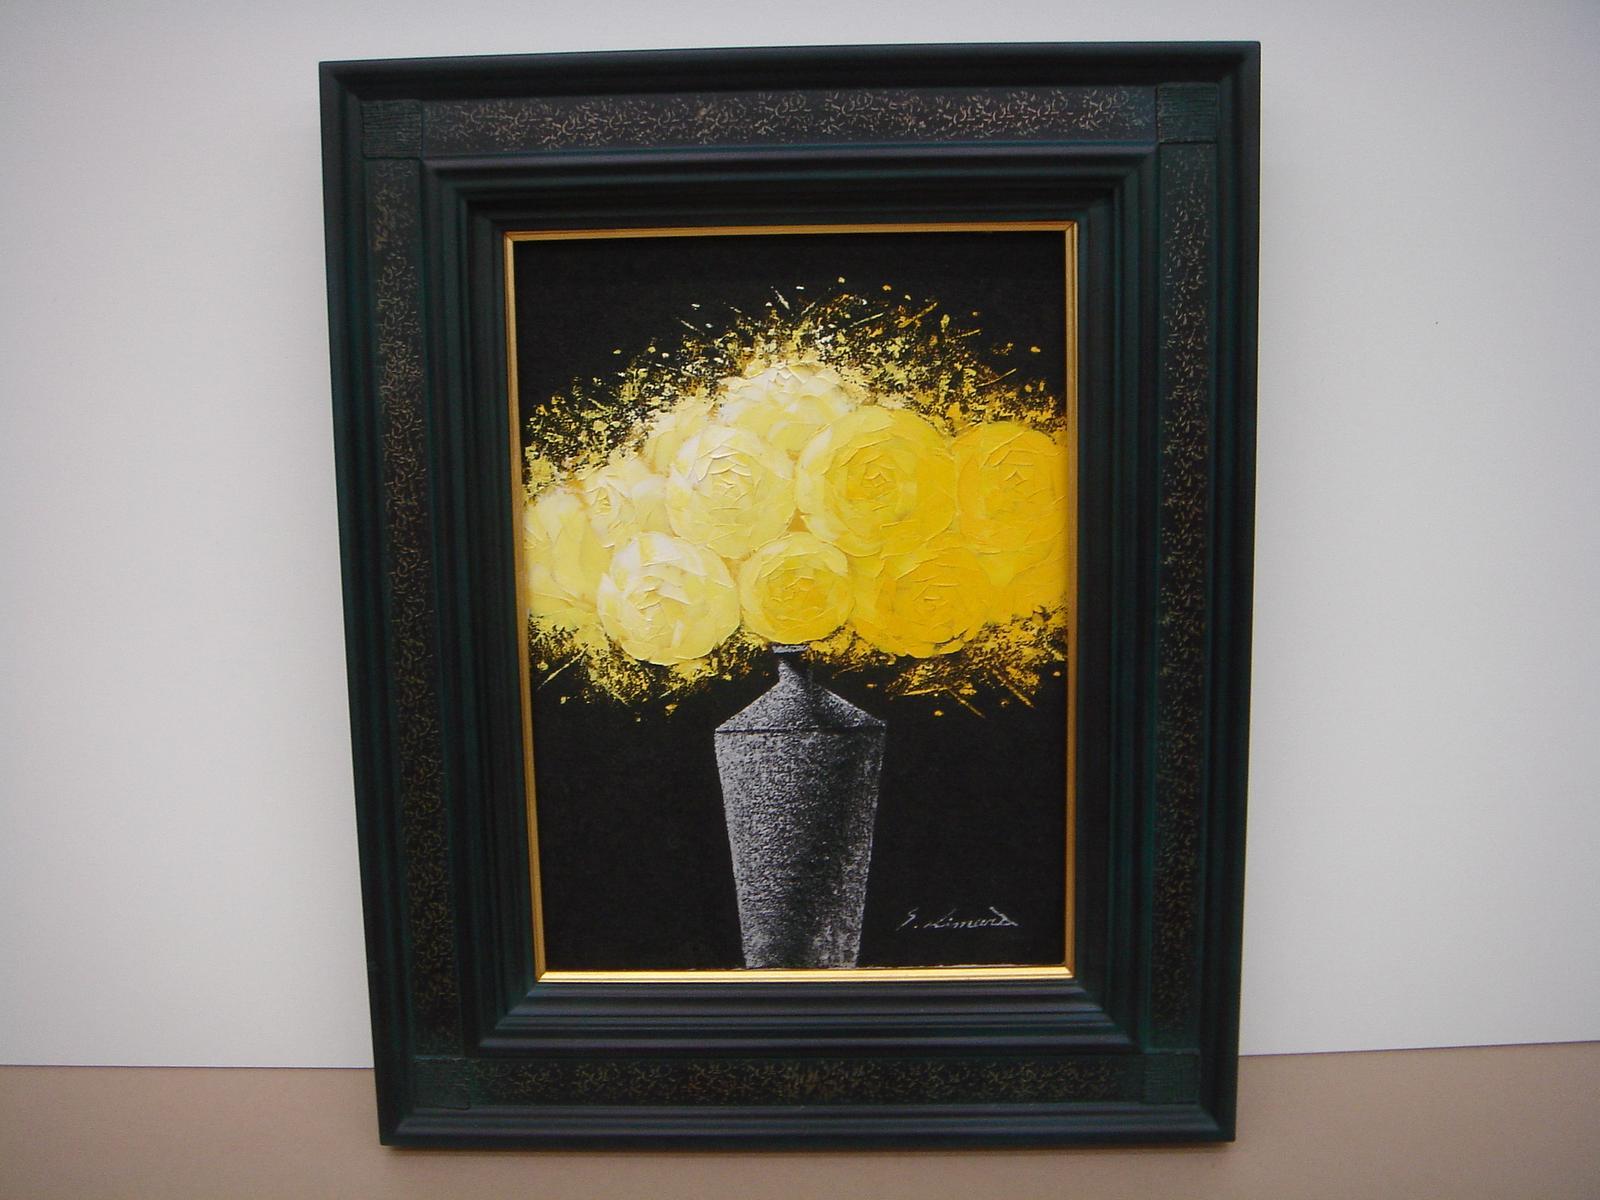 絵画 油絵 油絵額 花の絵 黄色いバラの絵 F6